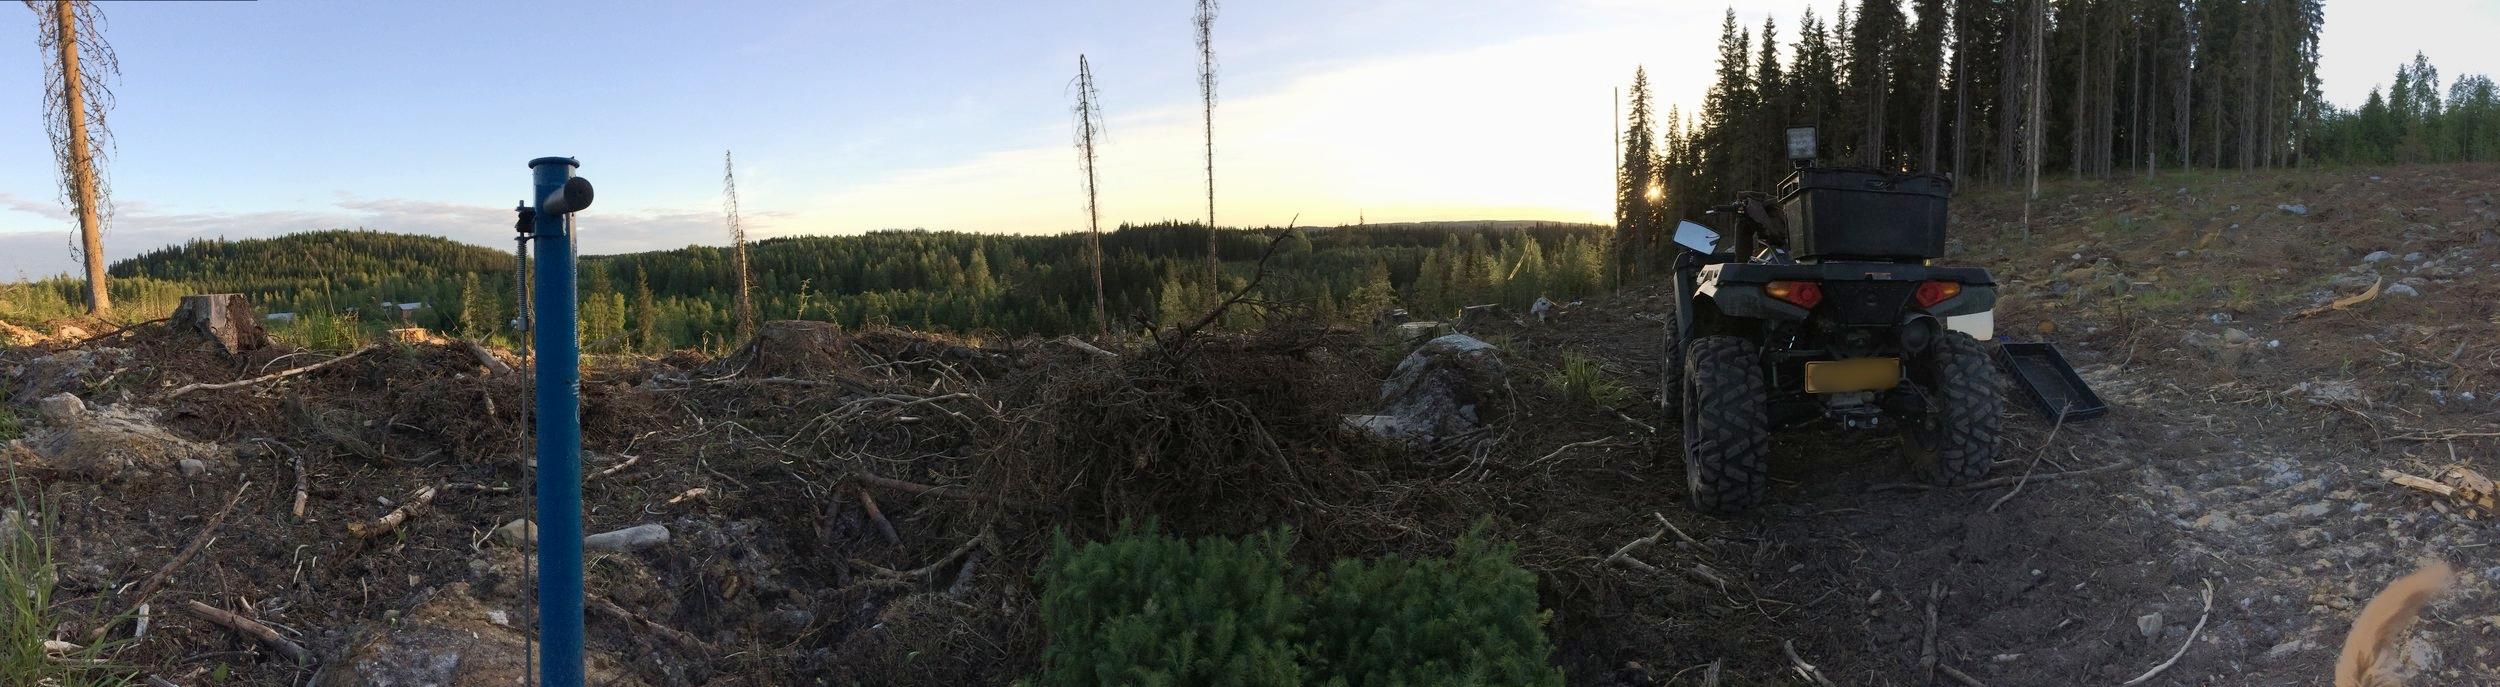 Muutaman hehtaarin metsäpalsta oli rinteessä, joka toi työskentelyyn oman lisänsä. Istuttaminen ei ole kuitenkaan urheilusuoritus, vaan tasainen työtahti palkitsee